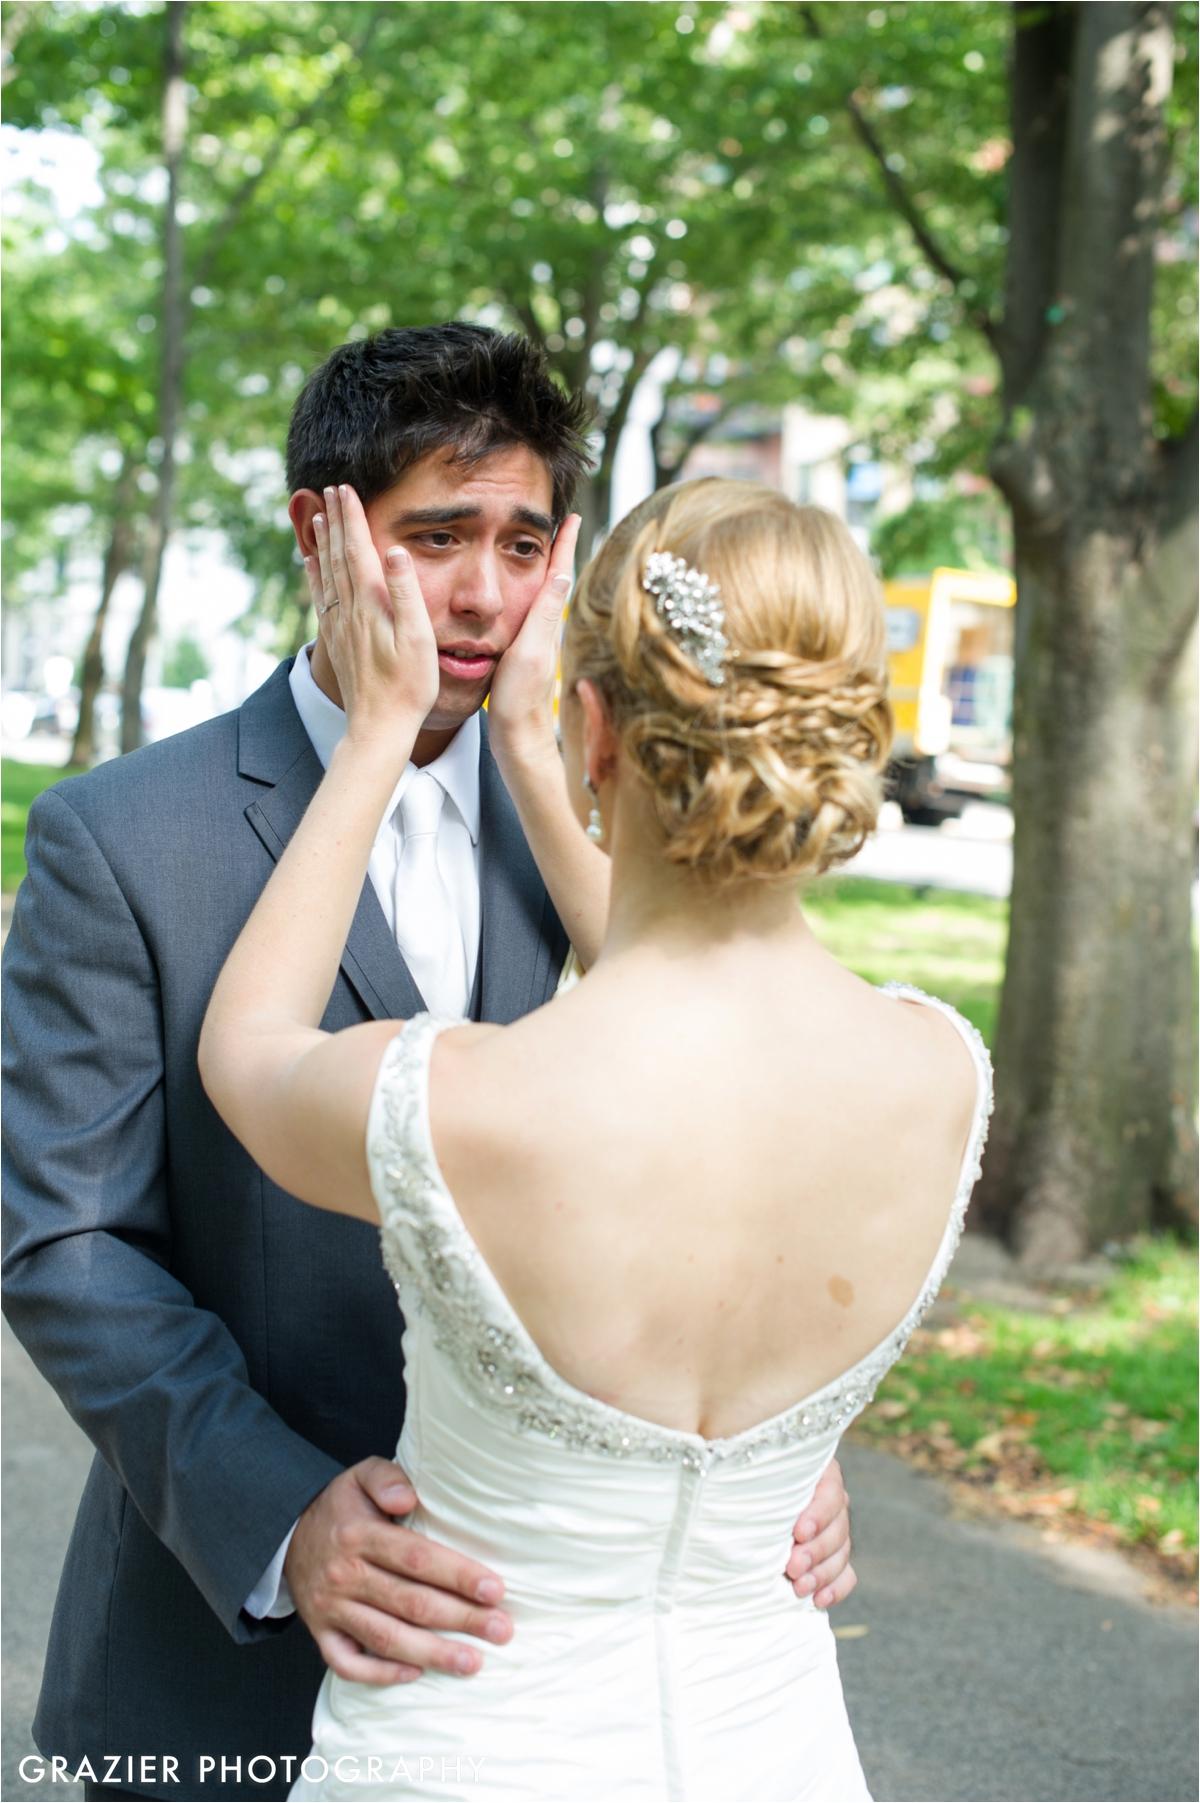 Wedding-First-Look-Grazier-Photography-WEB_0018.jpg